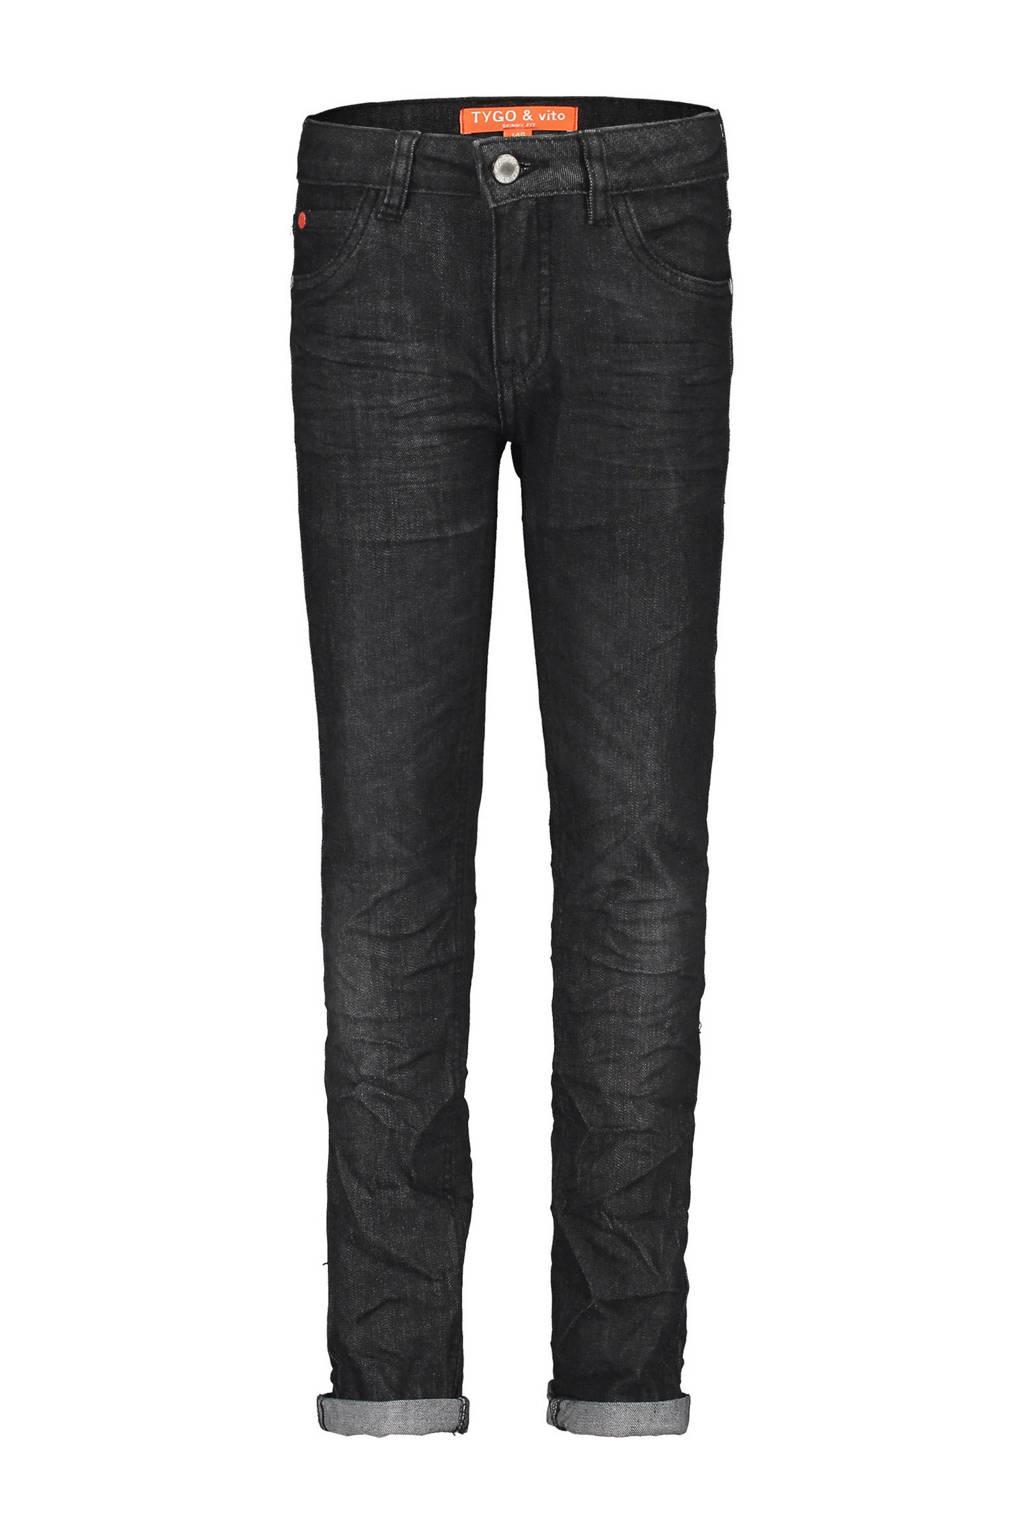 TYGO & vito jeans, Zwart denim